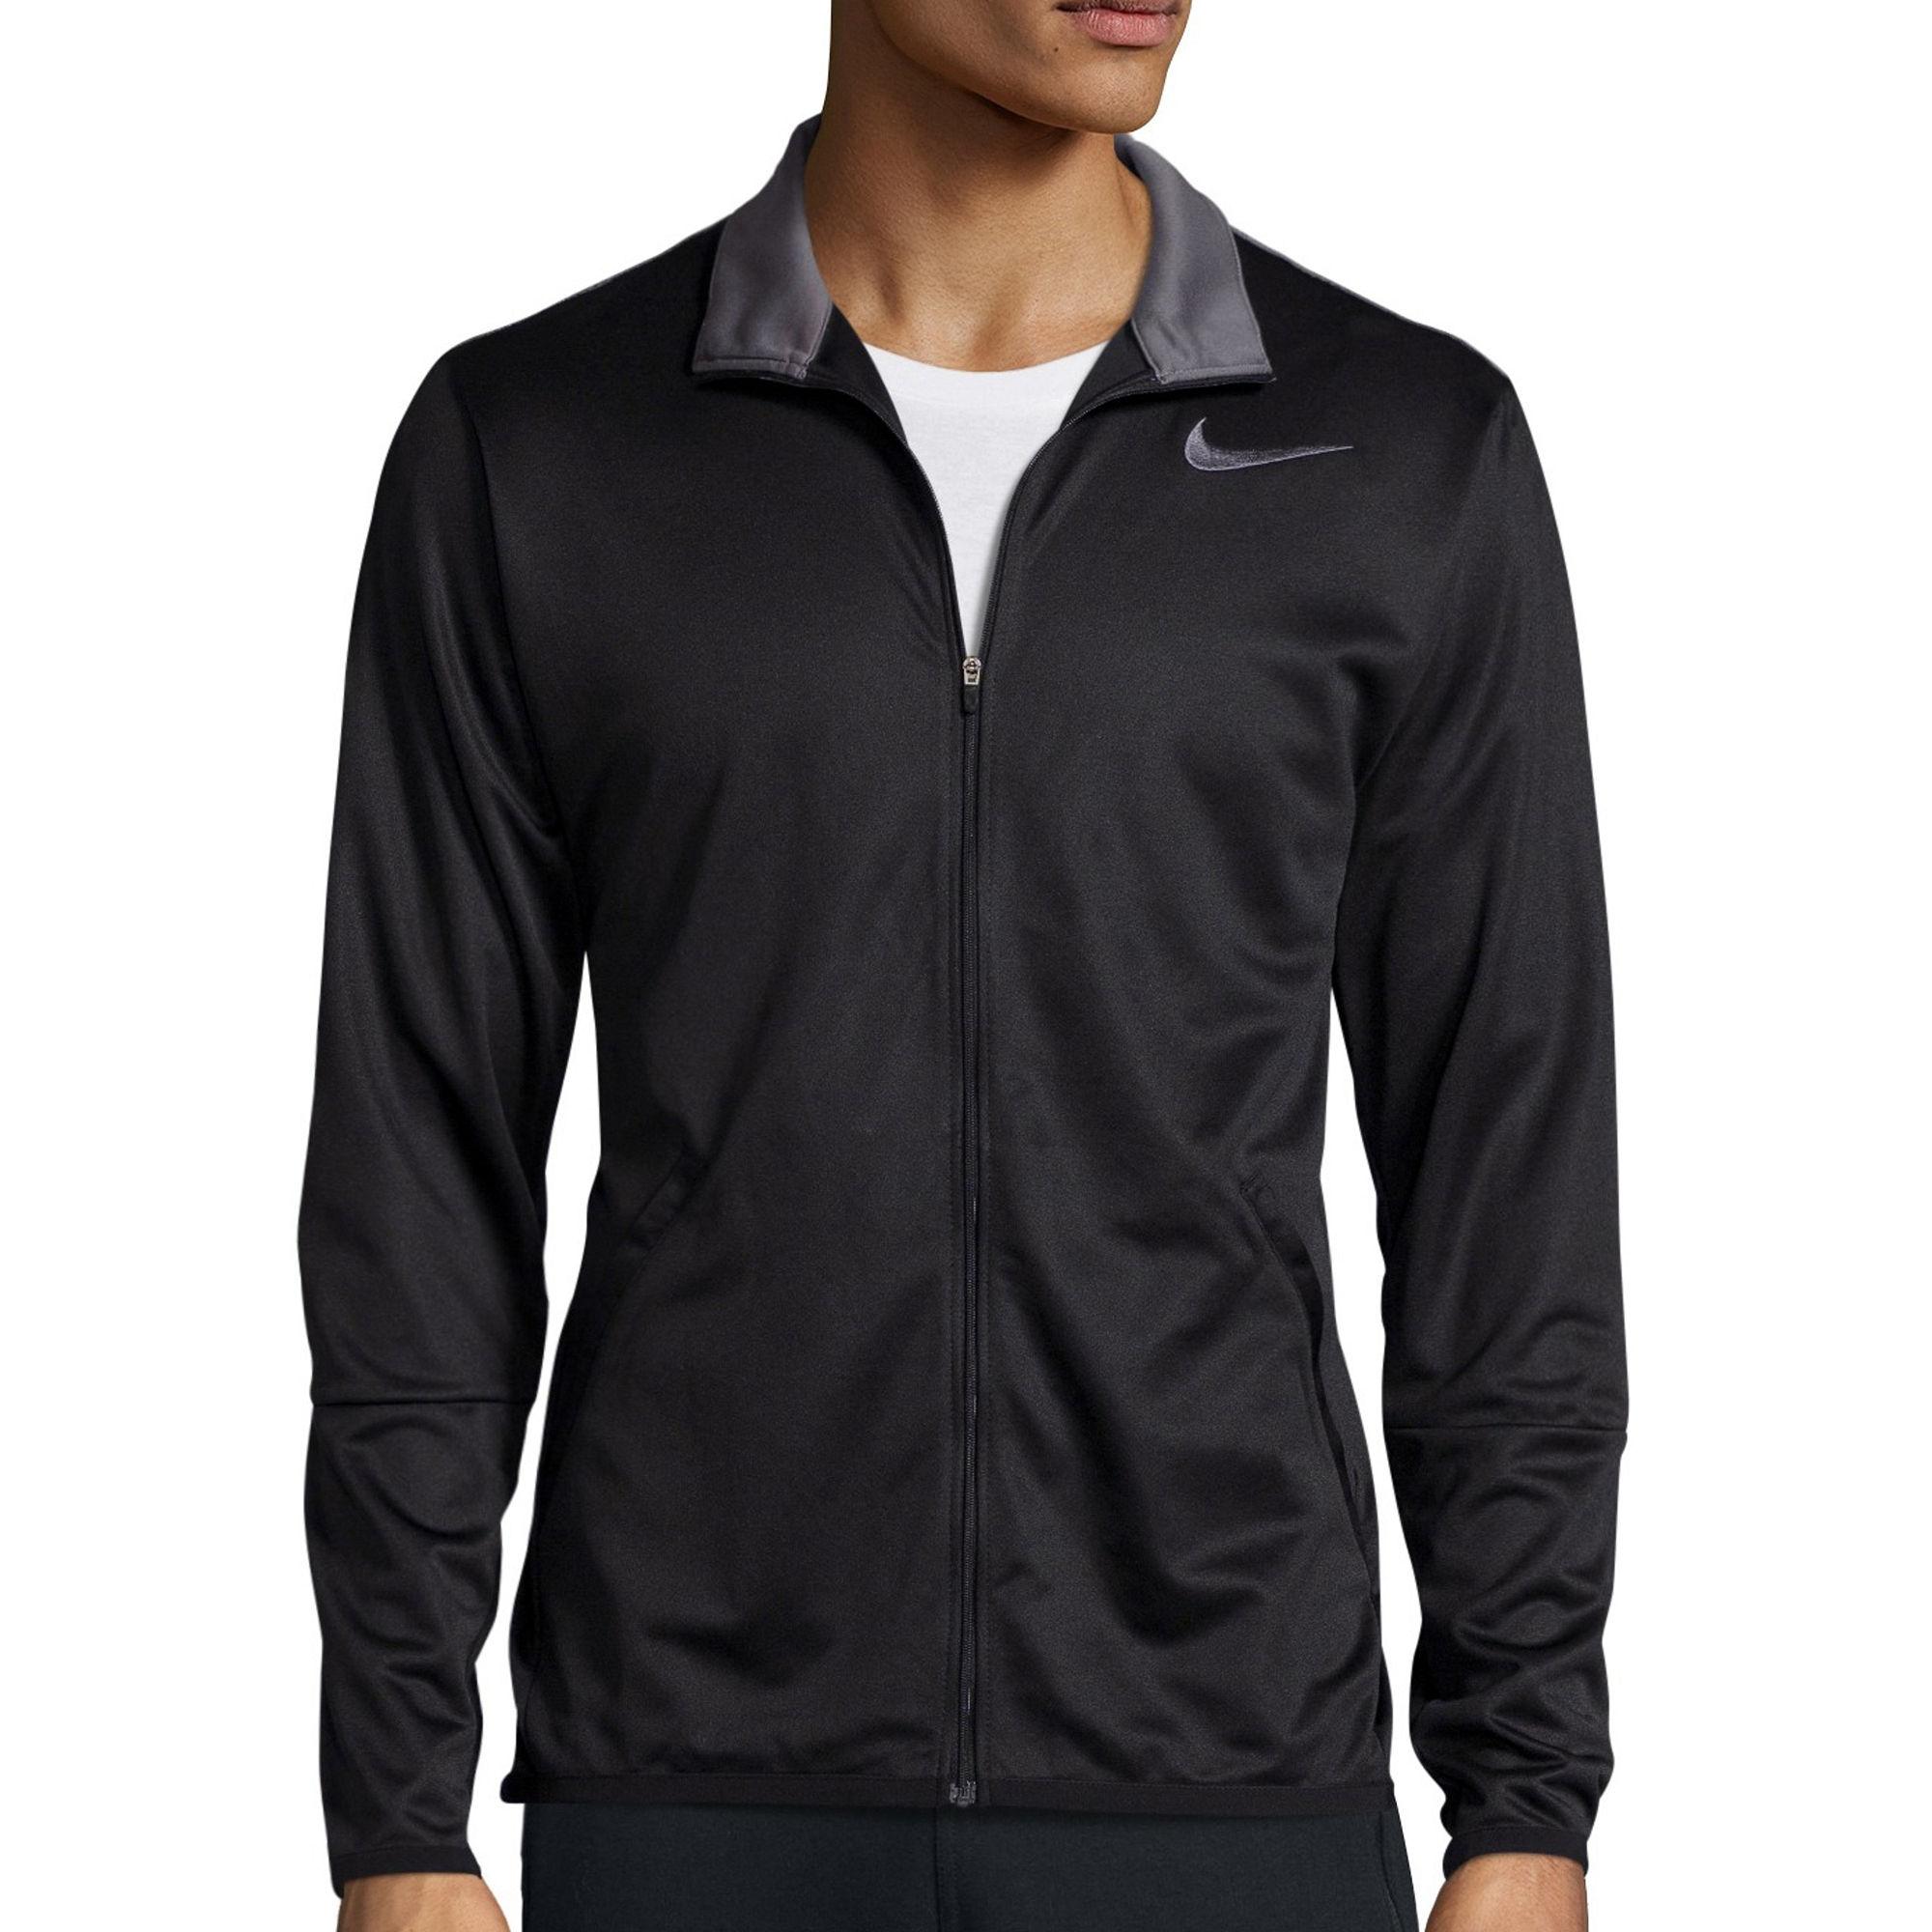 Nike epic jacket - Upc 886551777017 Product Image For Nike New Epic Jacket Upcitemdb Com